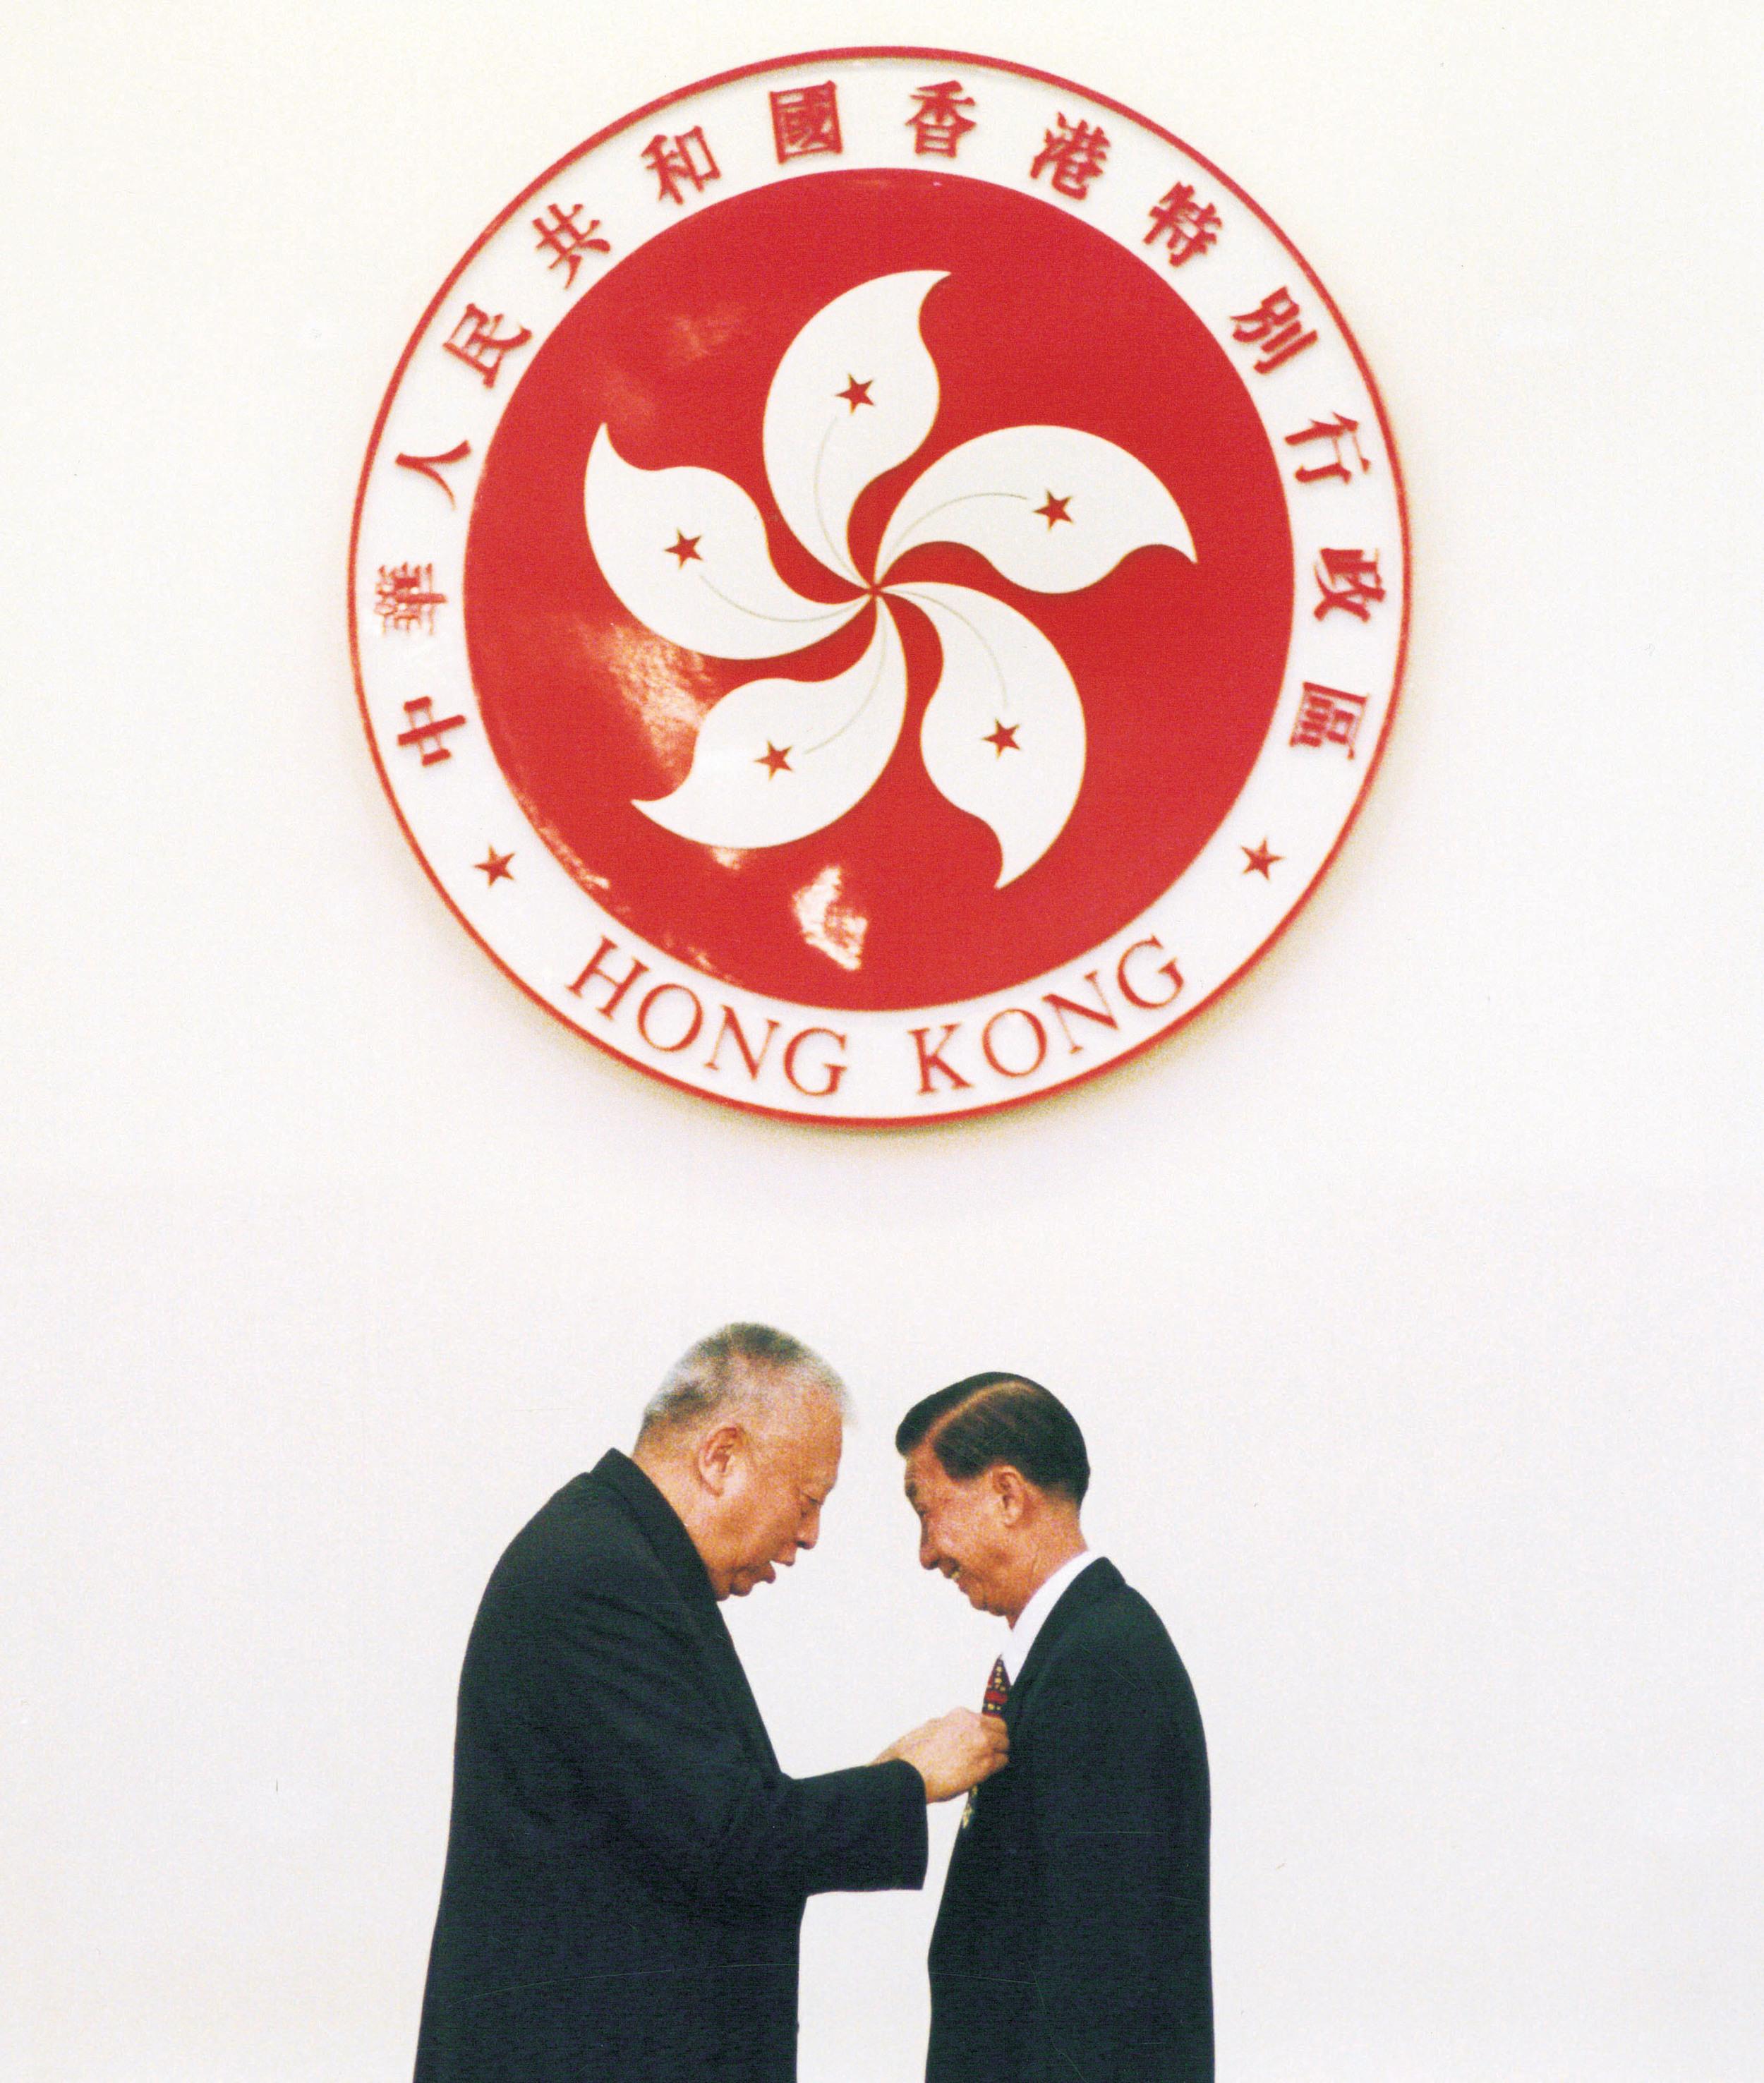 輝叔獲香港特區政府榮譽勳章